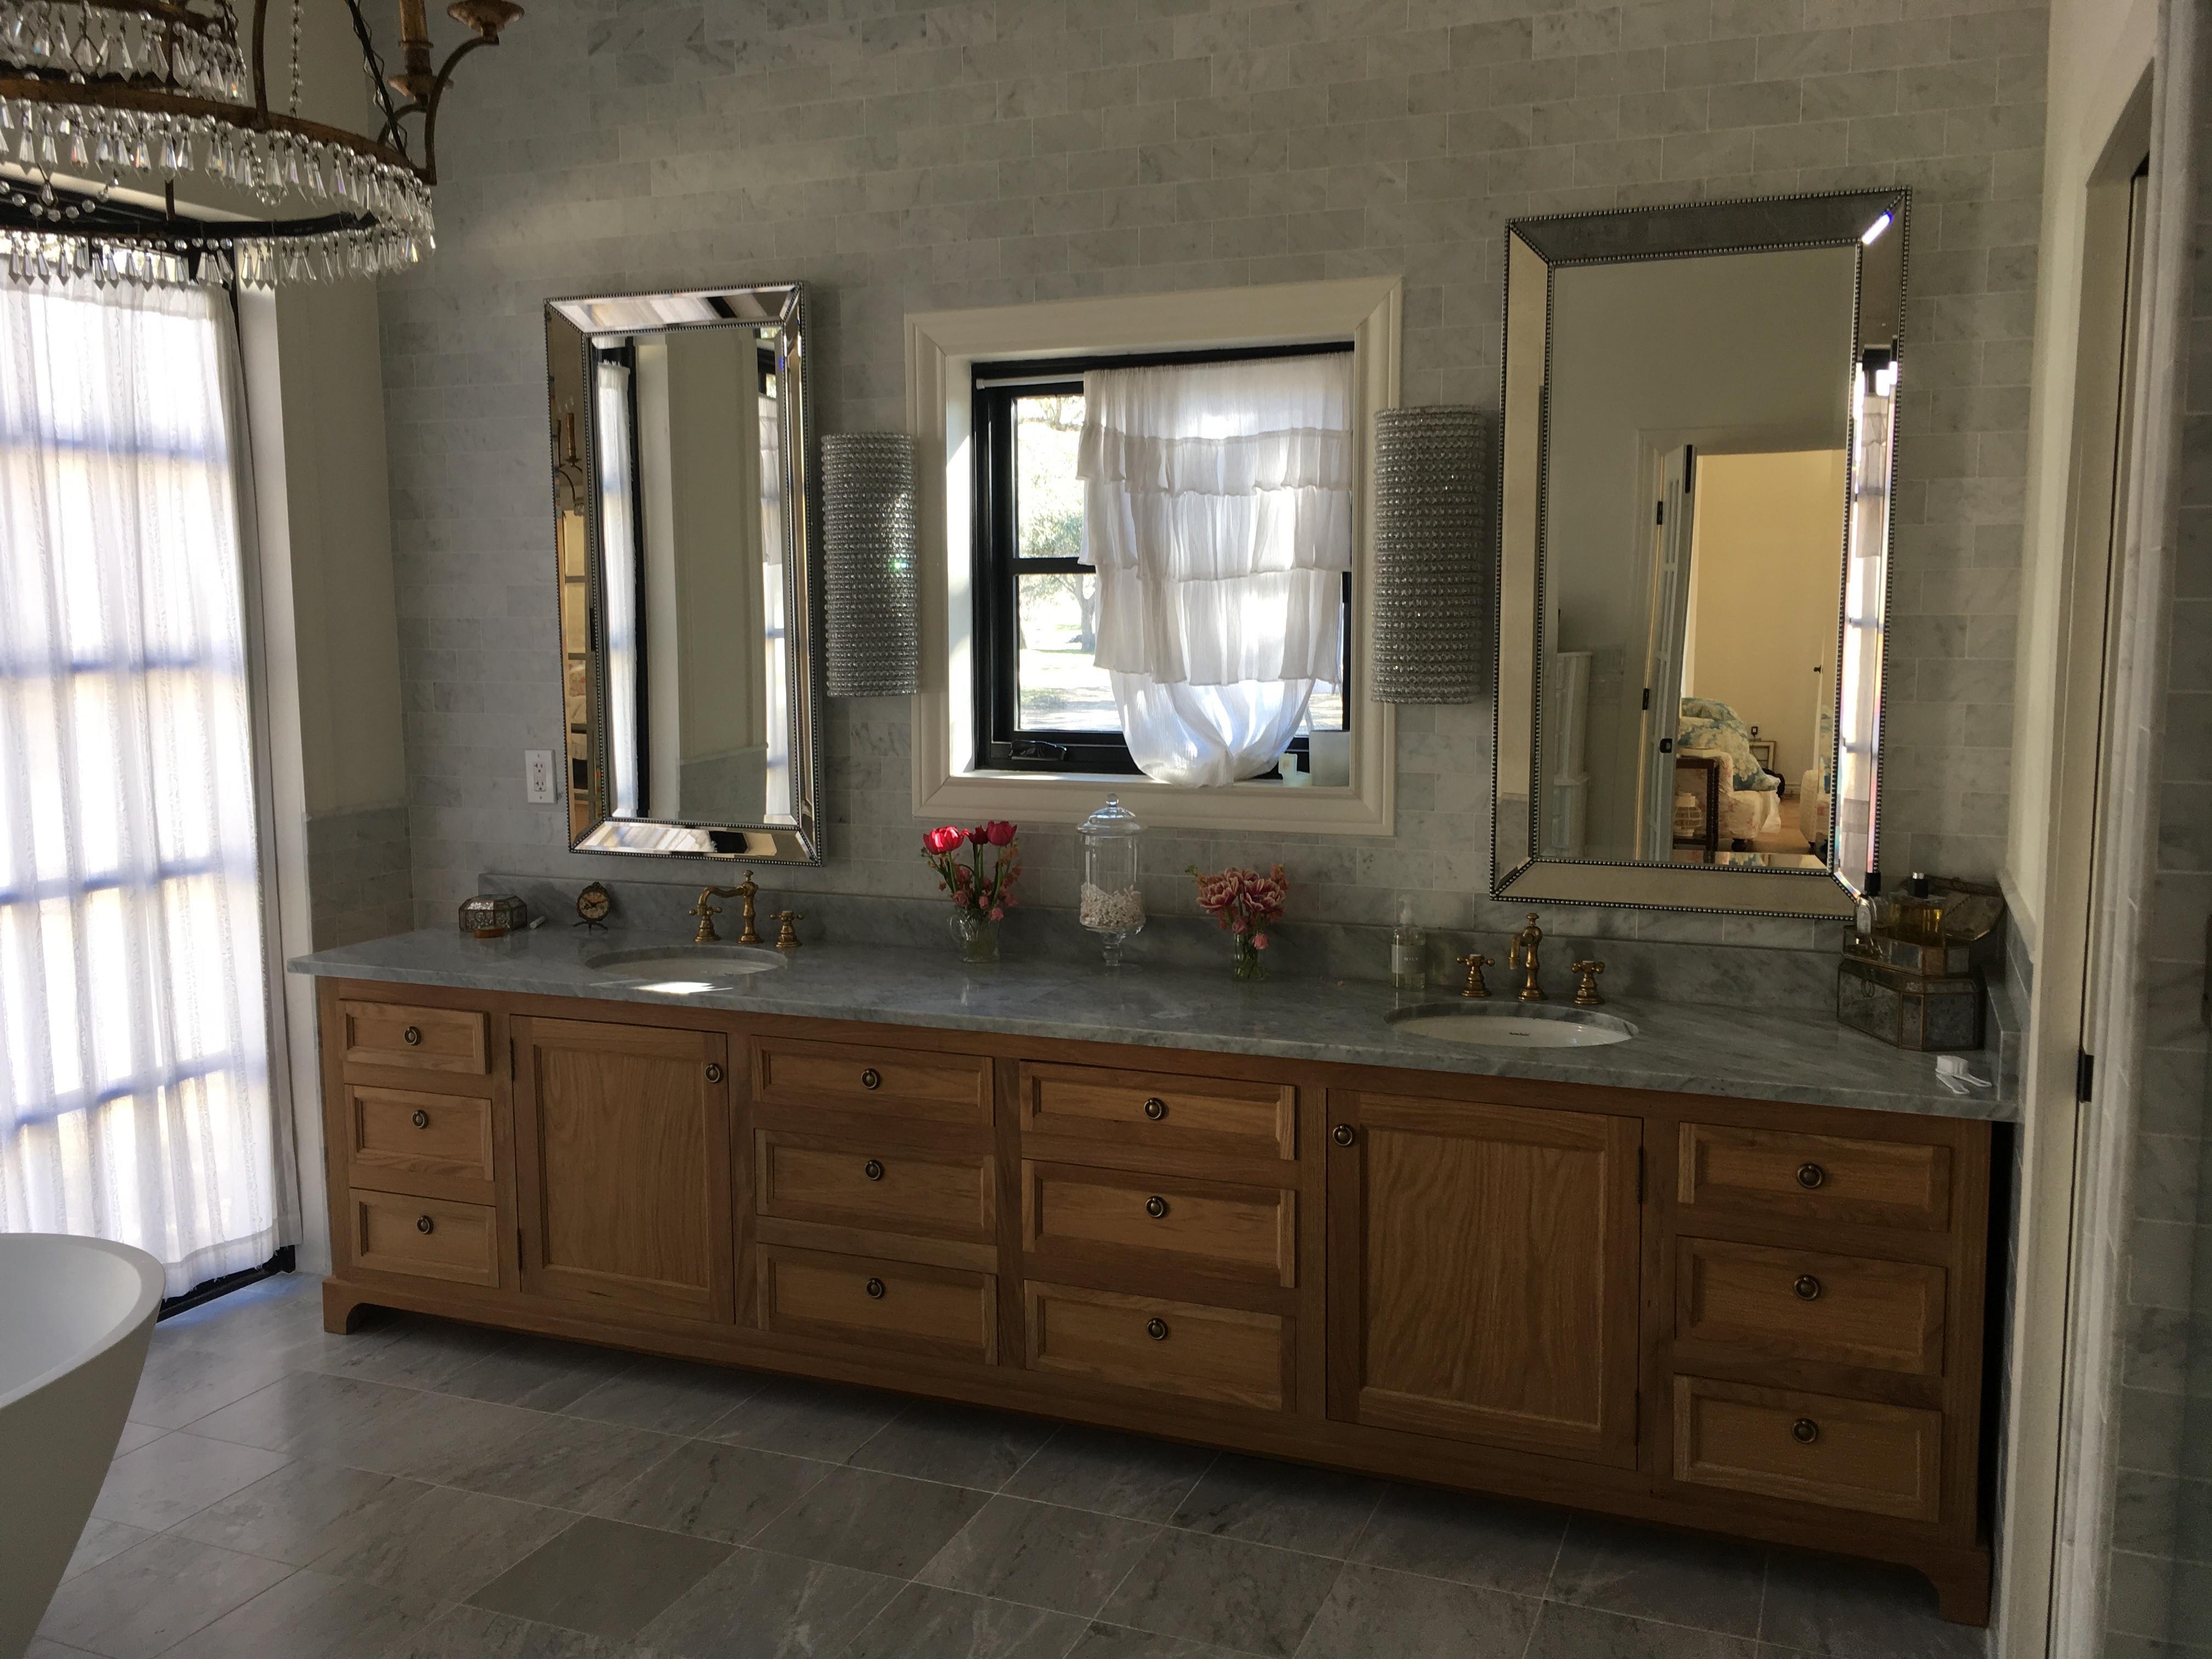 San Antonio TX Alamo Stone Art Countertops Cabinets Find Alamo - Bathroom countertops san antonio